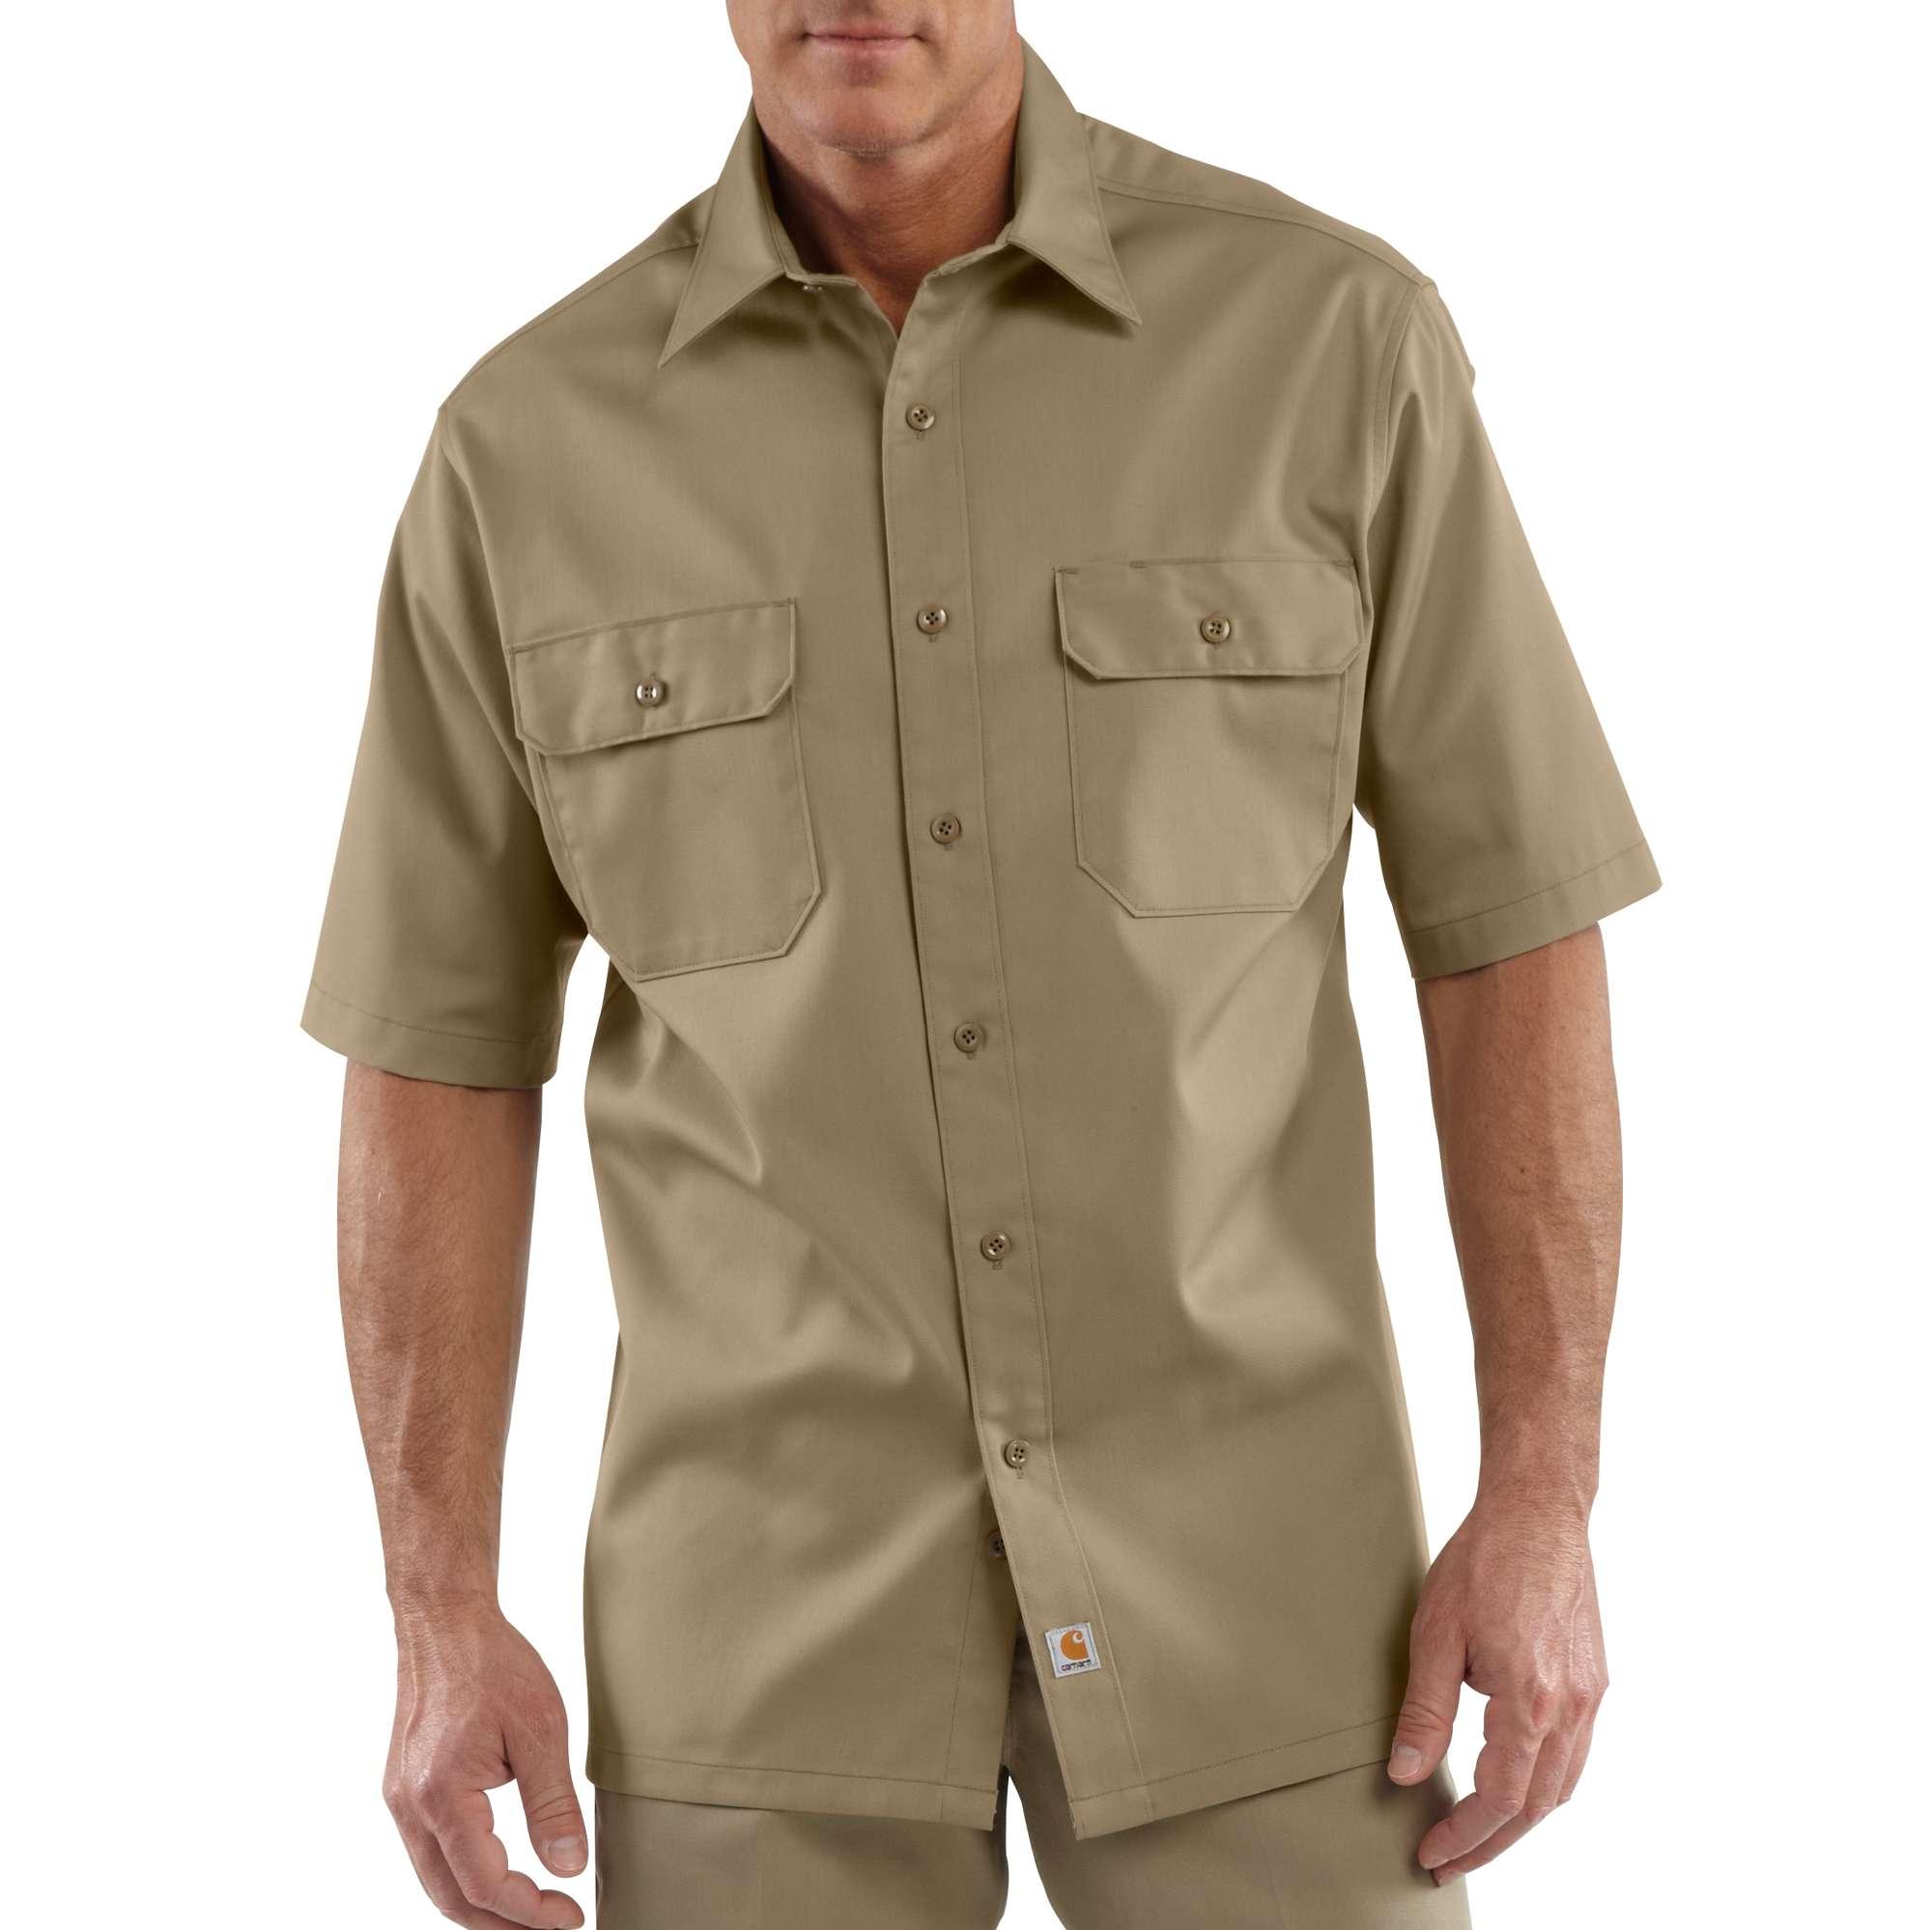 Carhartt Short-Sleeve Twill Work Shirt